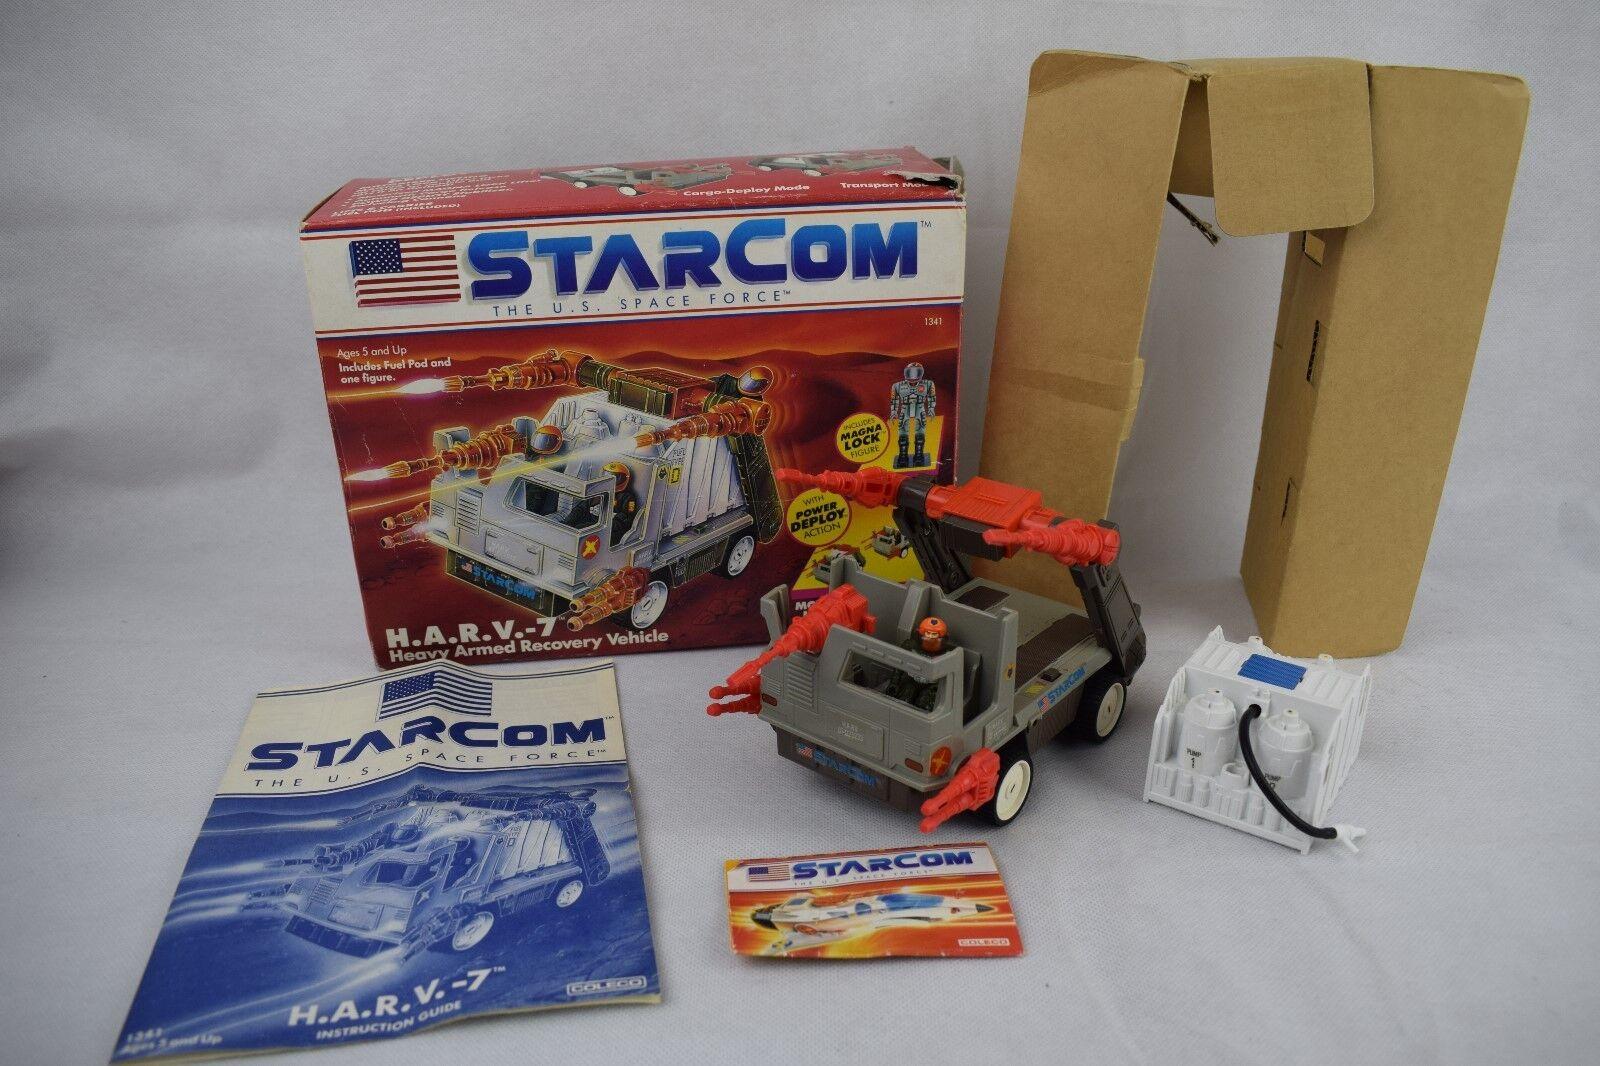 In In In scatola Estrellacom h.a.r.v. 7. HARVY, colleco, 1980 S, vintage giocattolo, spazio, f63fee